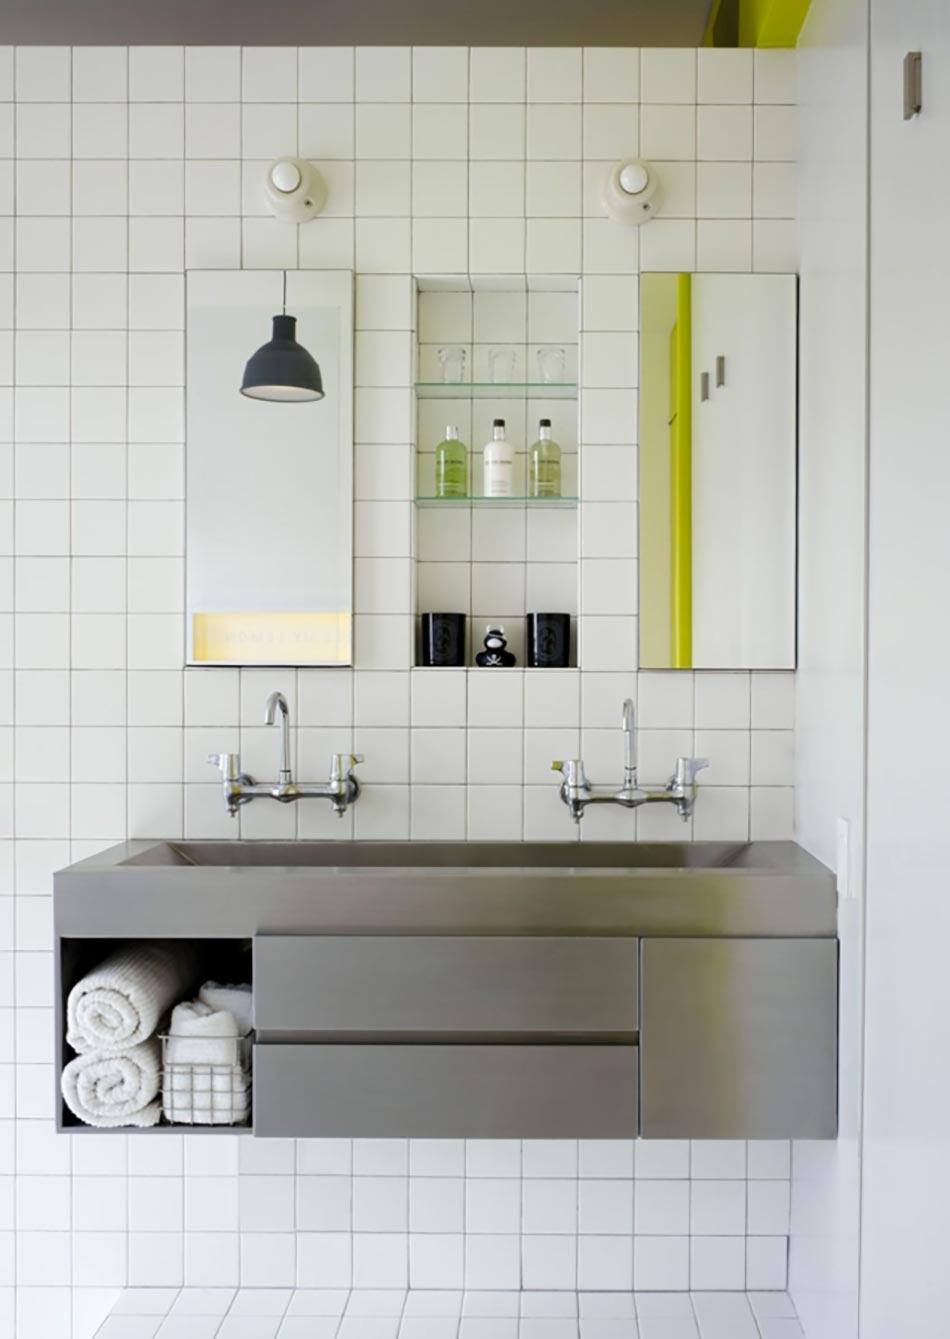 Ancien appartement t3 transform en un loft design for Carrelages muraux anciens